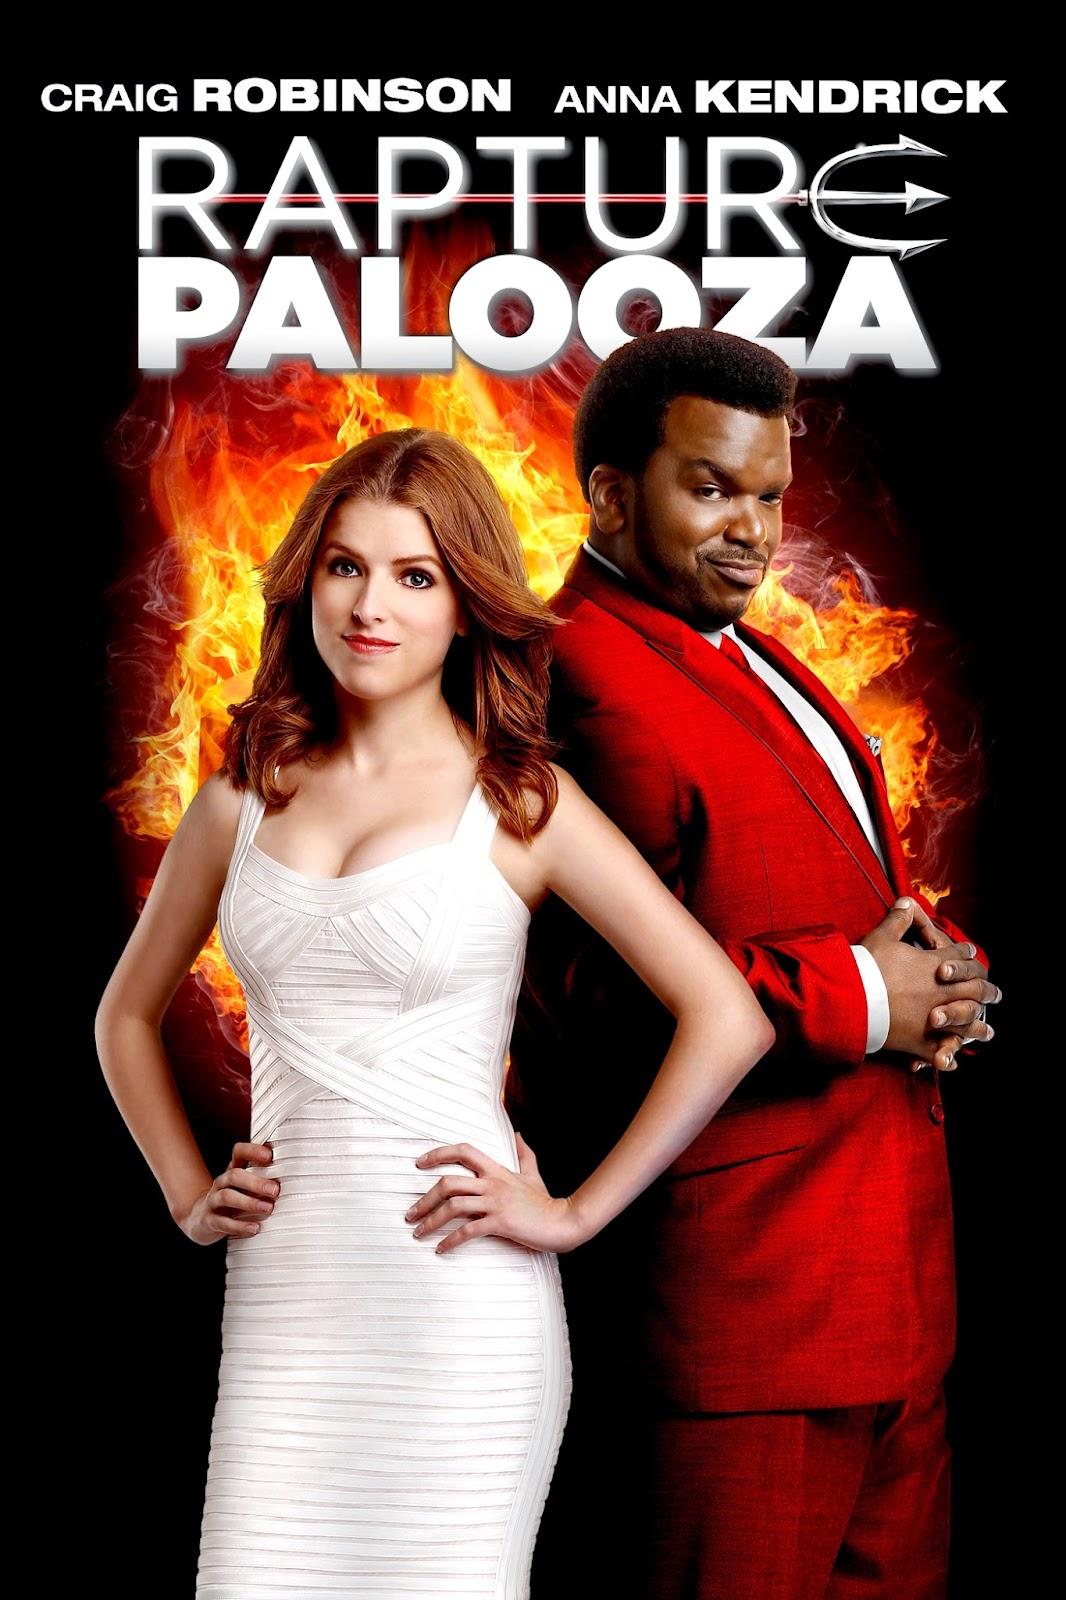 Rapture Palooza Poster